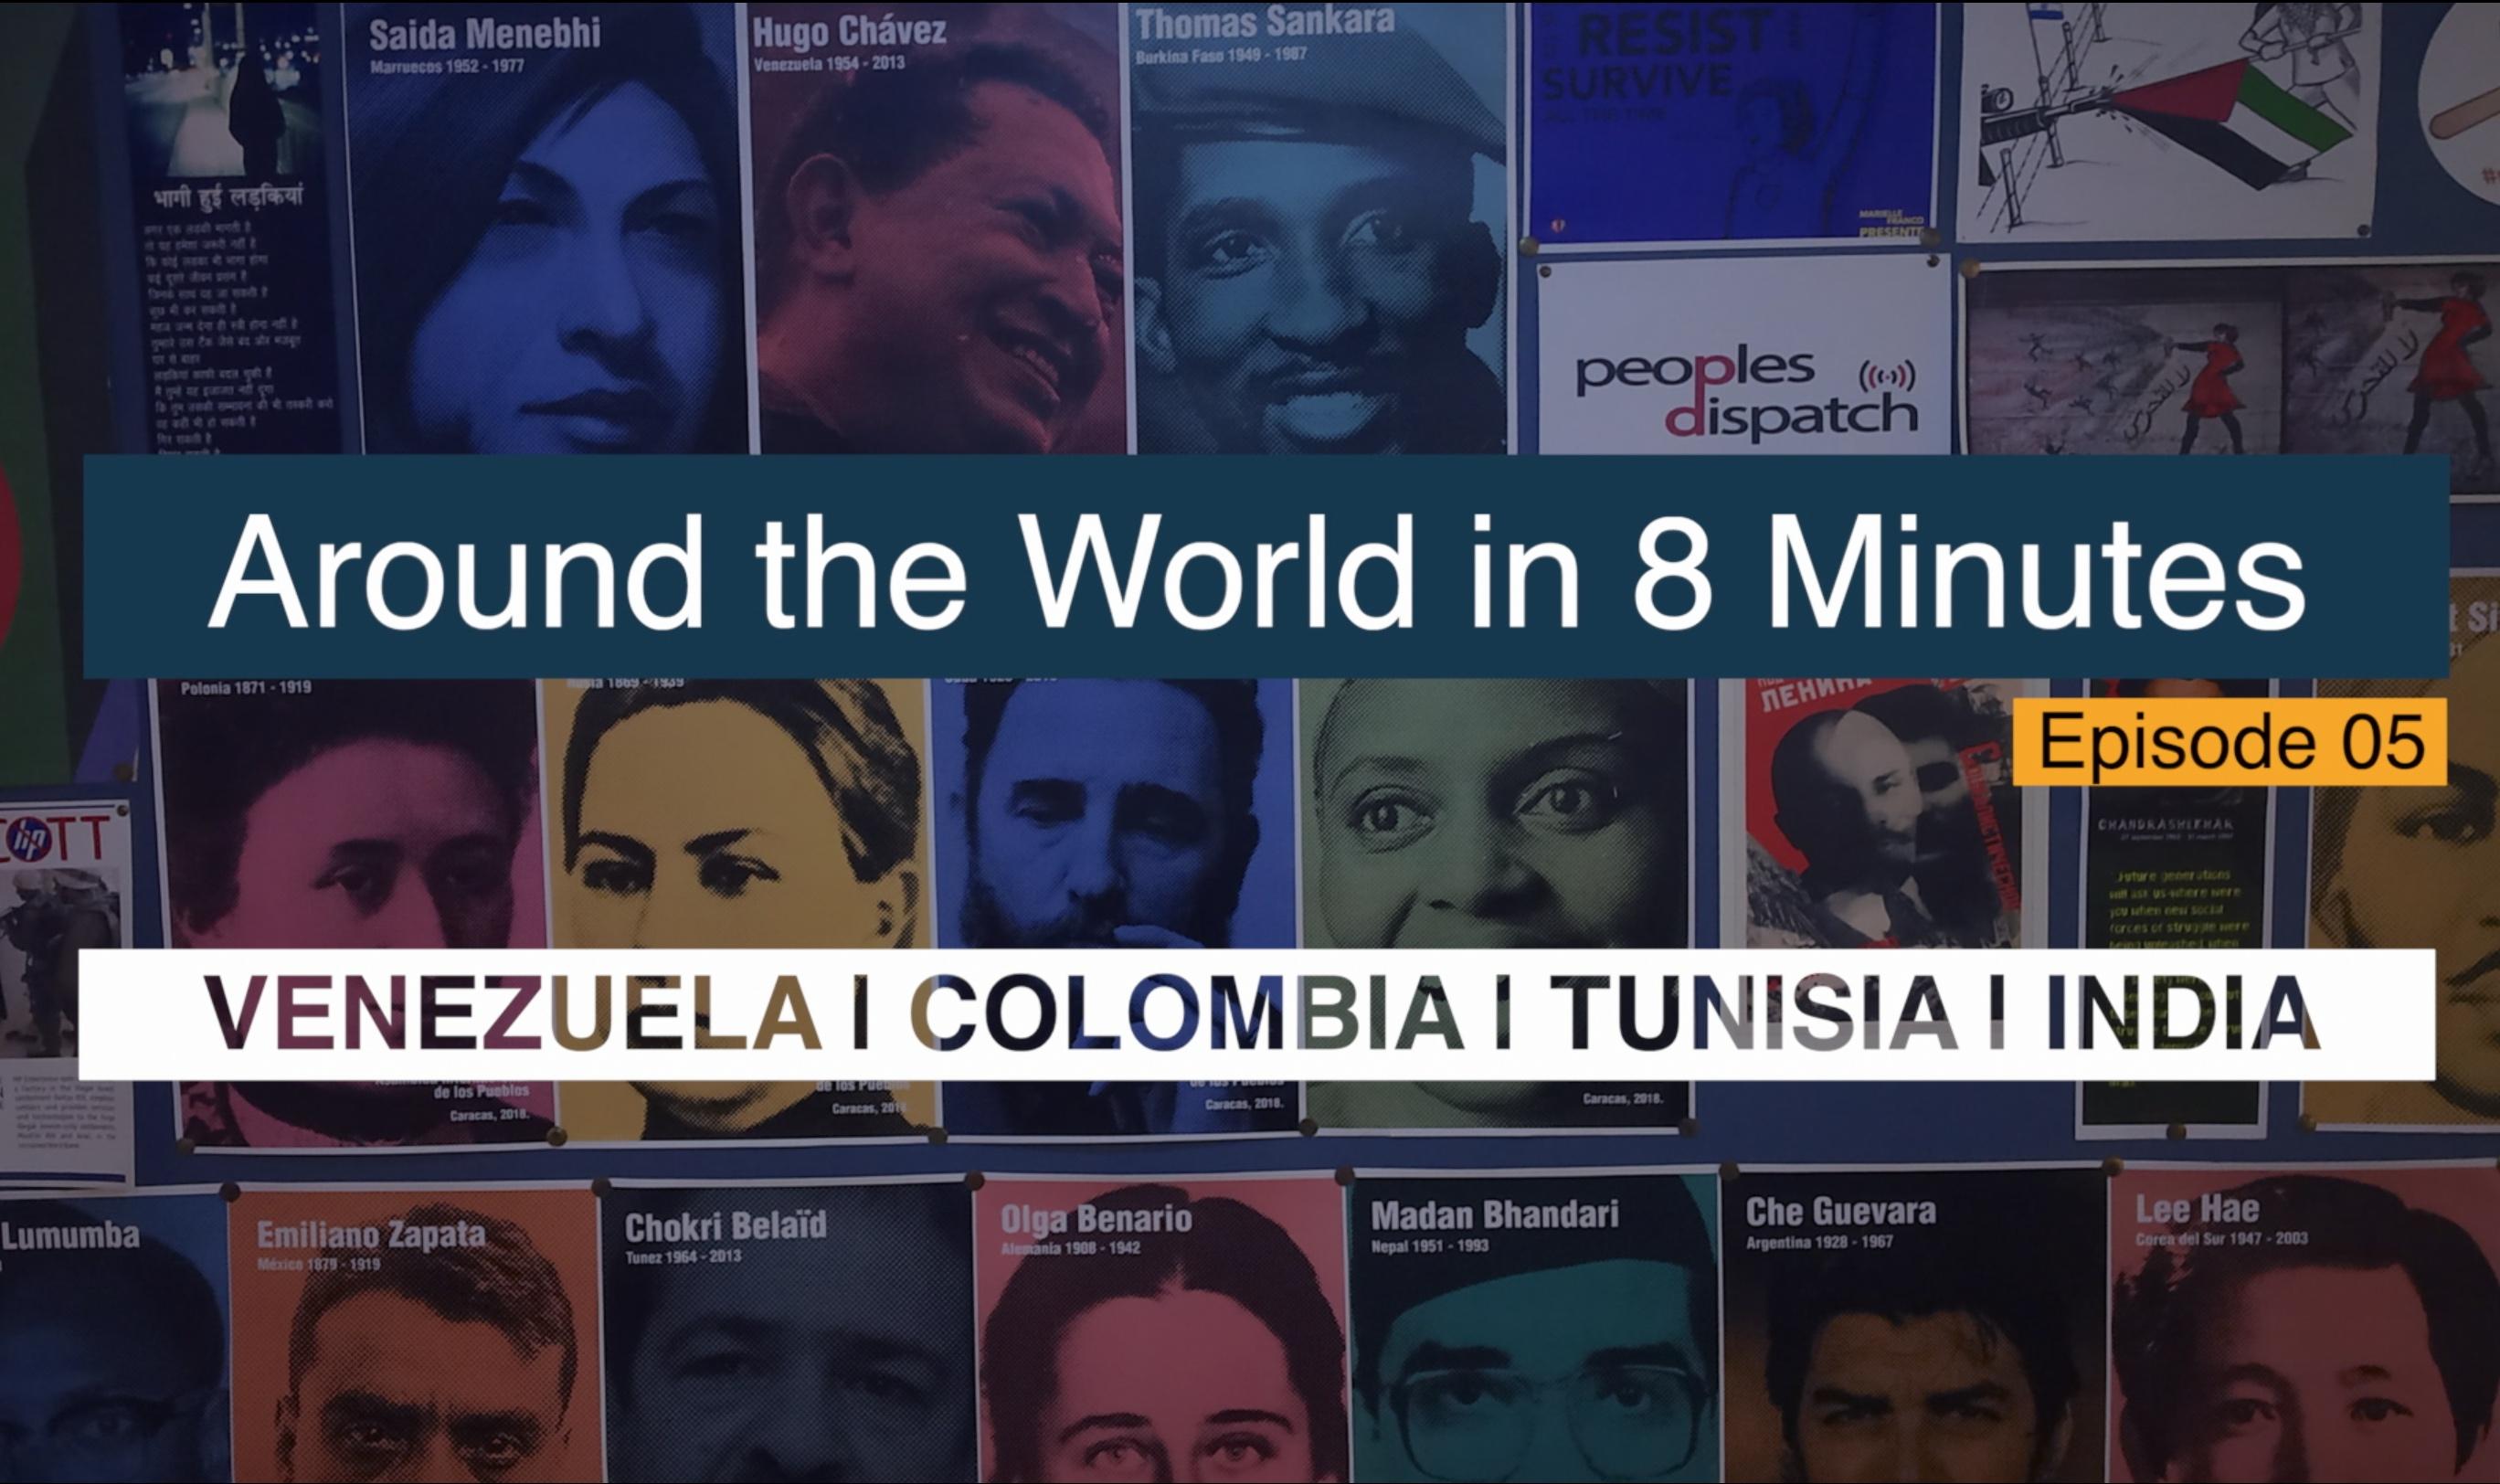 Around the world in 8 min episode 05